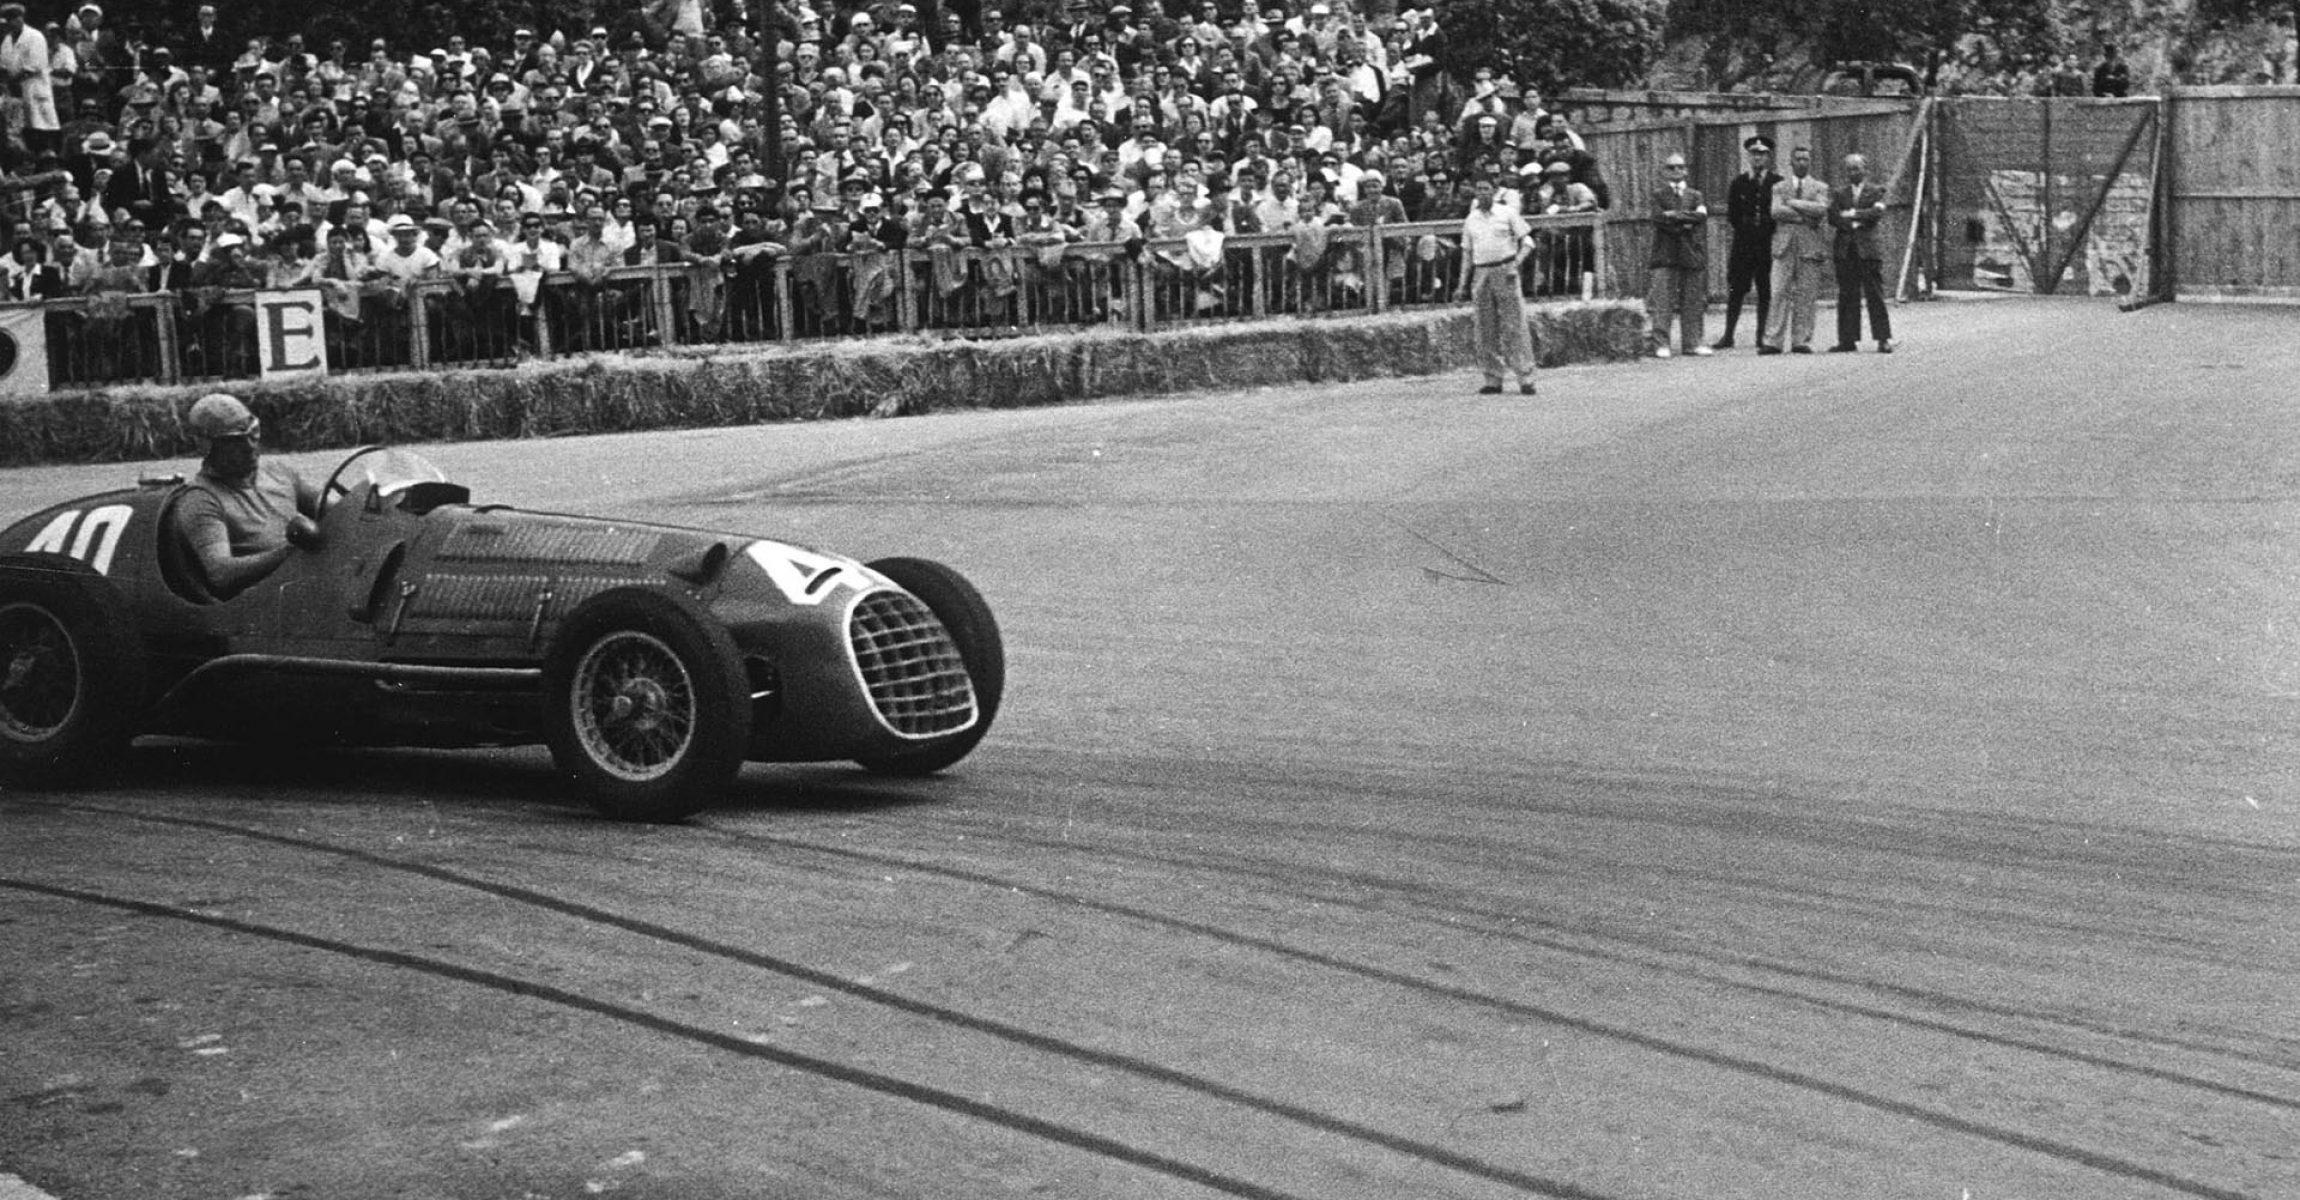 - Ascari in azione alla curva del gasometro. Si classificherà al secondo posto. - Gara d'esordio della Ferrari nel Campionato del Mondo Formula 1. Alberto Ascari